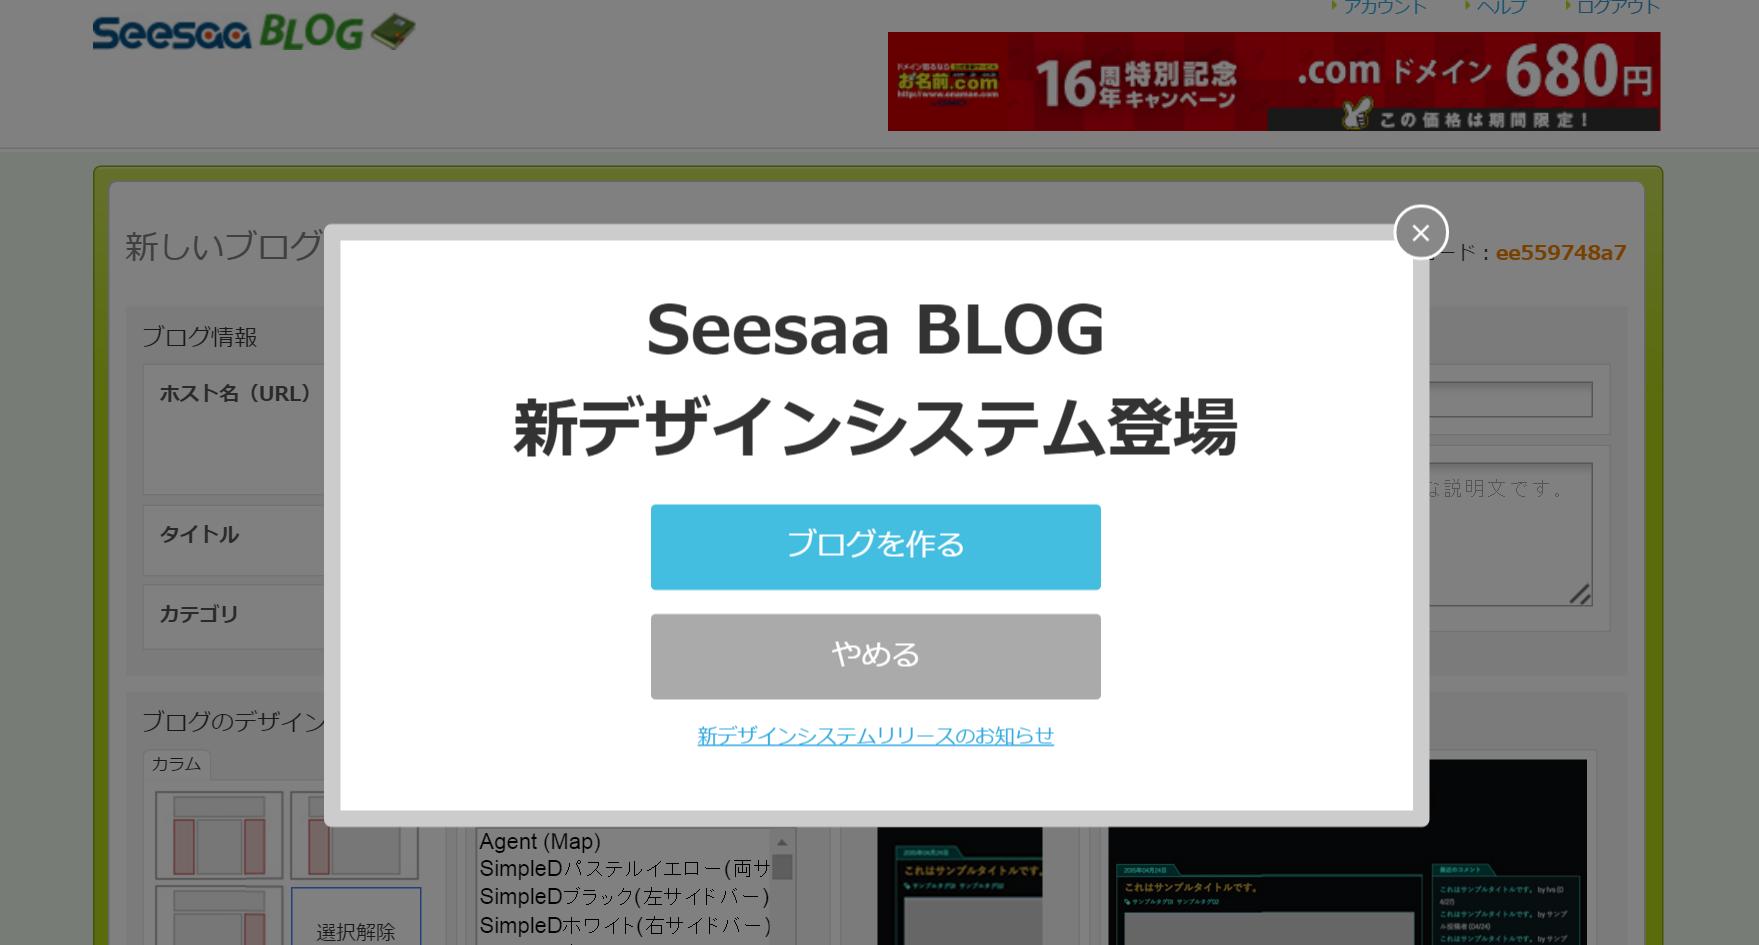 ブログのテーマを決めよう